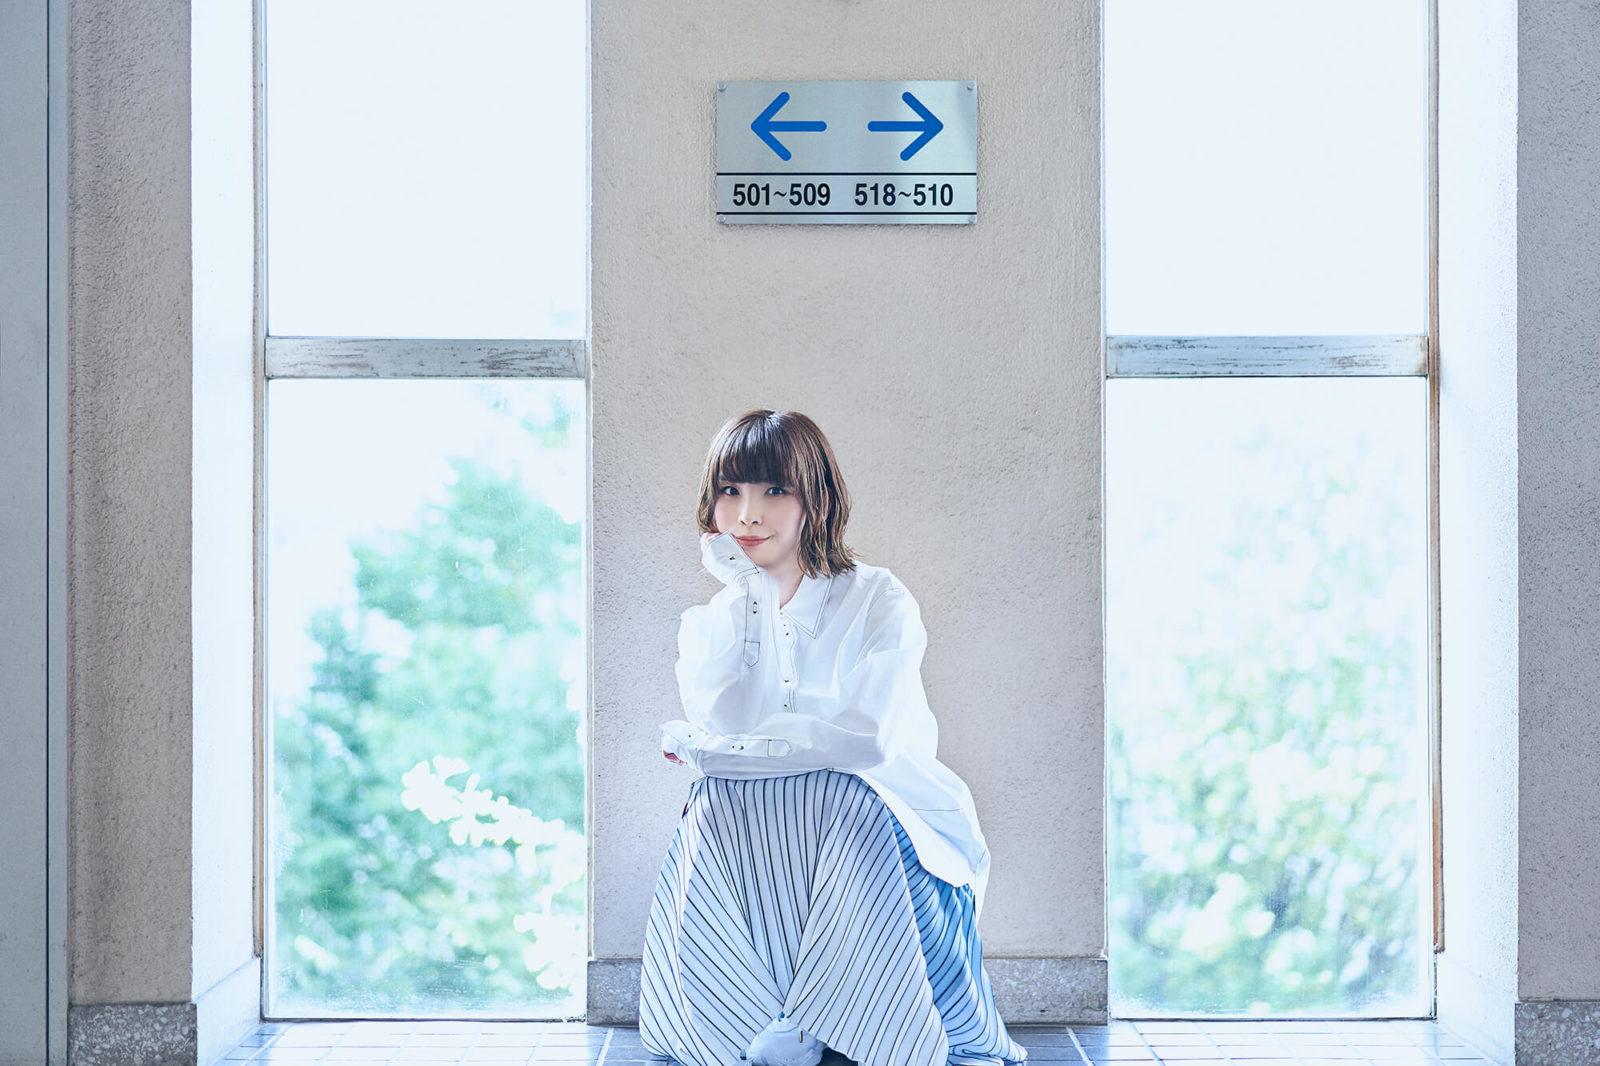 蒼山幸子(ex.ねごと)ソロ活動のオフィシャルHP&アーティスト写真を公開サムネイル画像